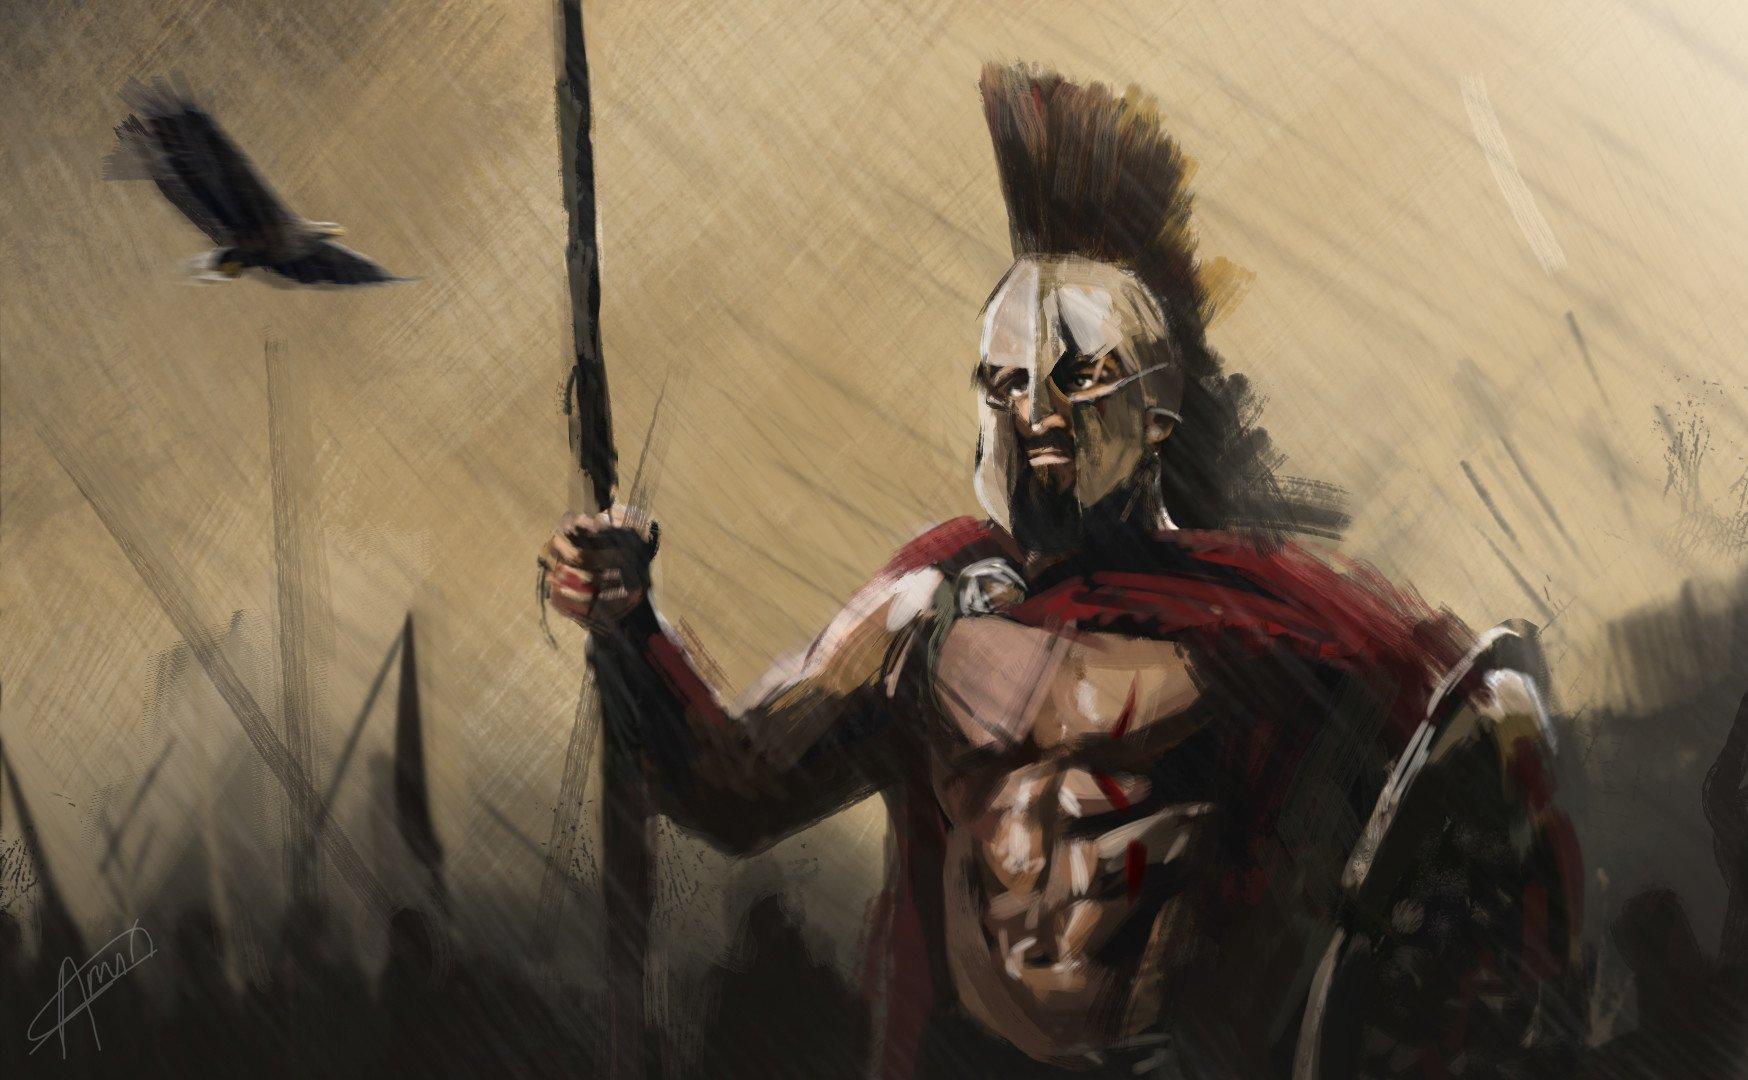 токио крутые спартанские картинки вот новая подробность